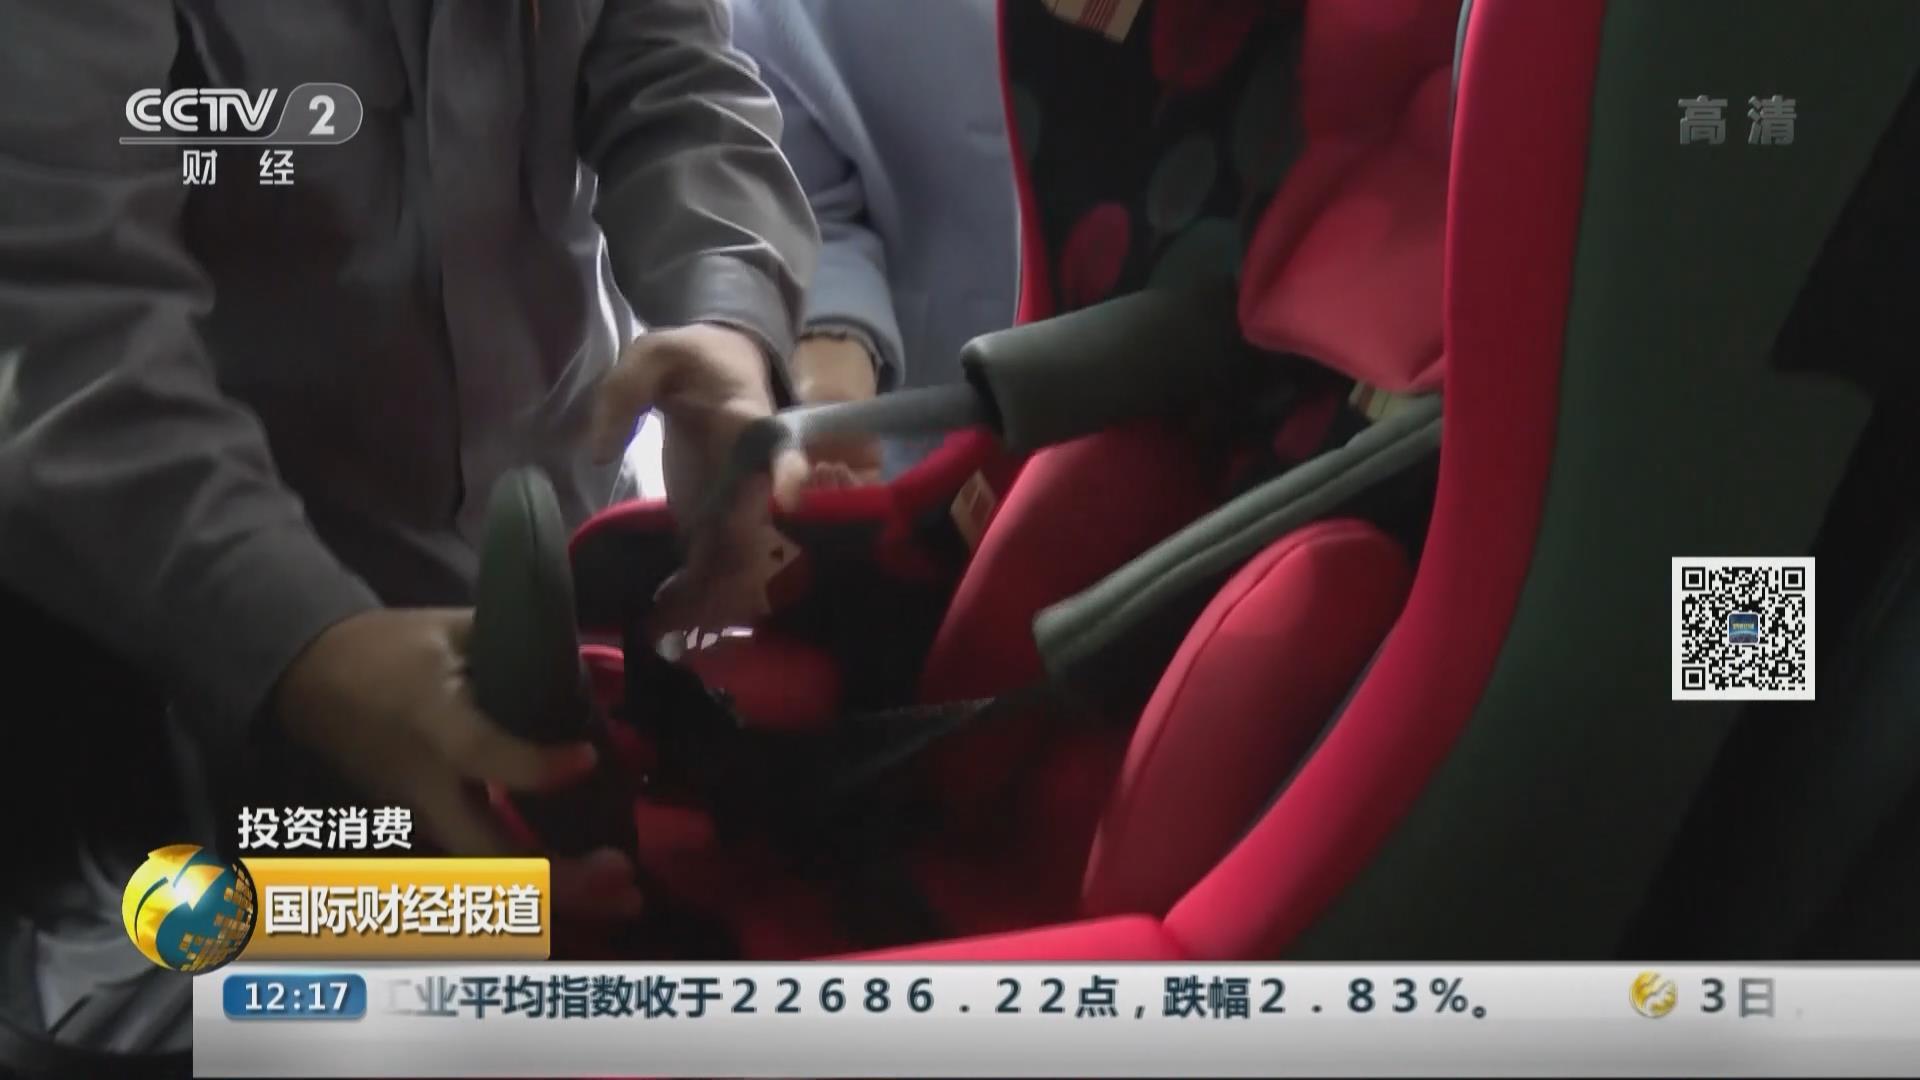 """孩子被甩出安全座椅 """"真兇""""竟是羽絨服"""